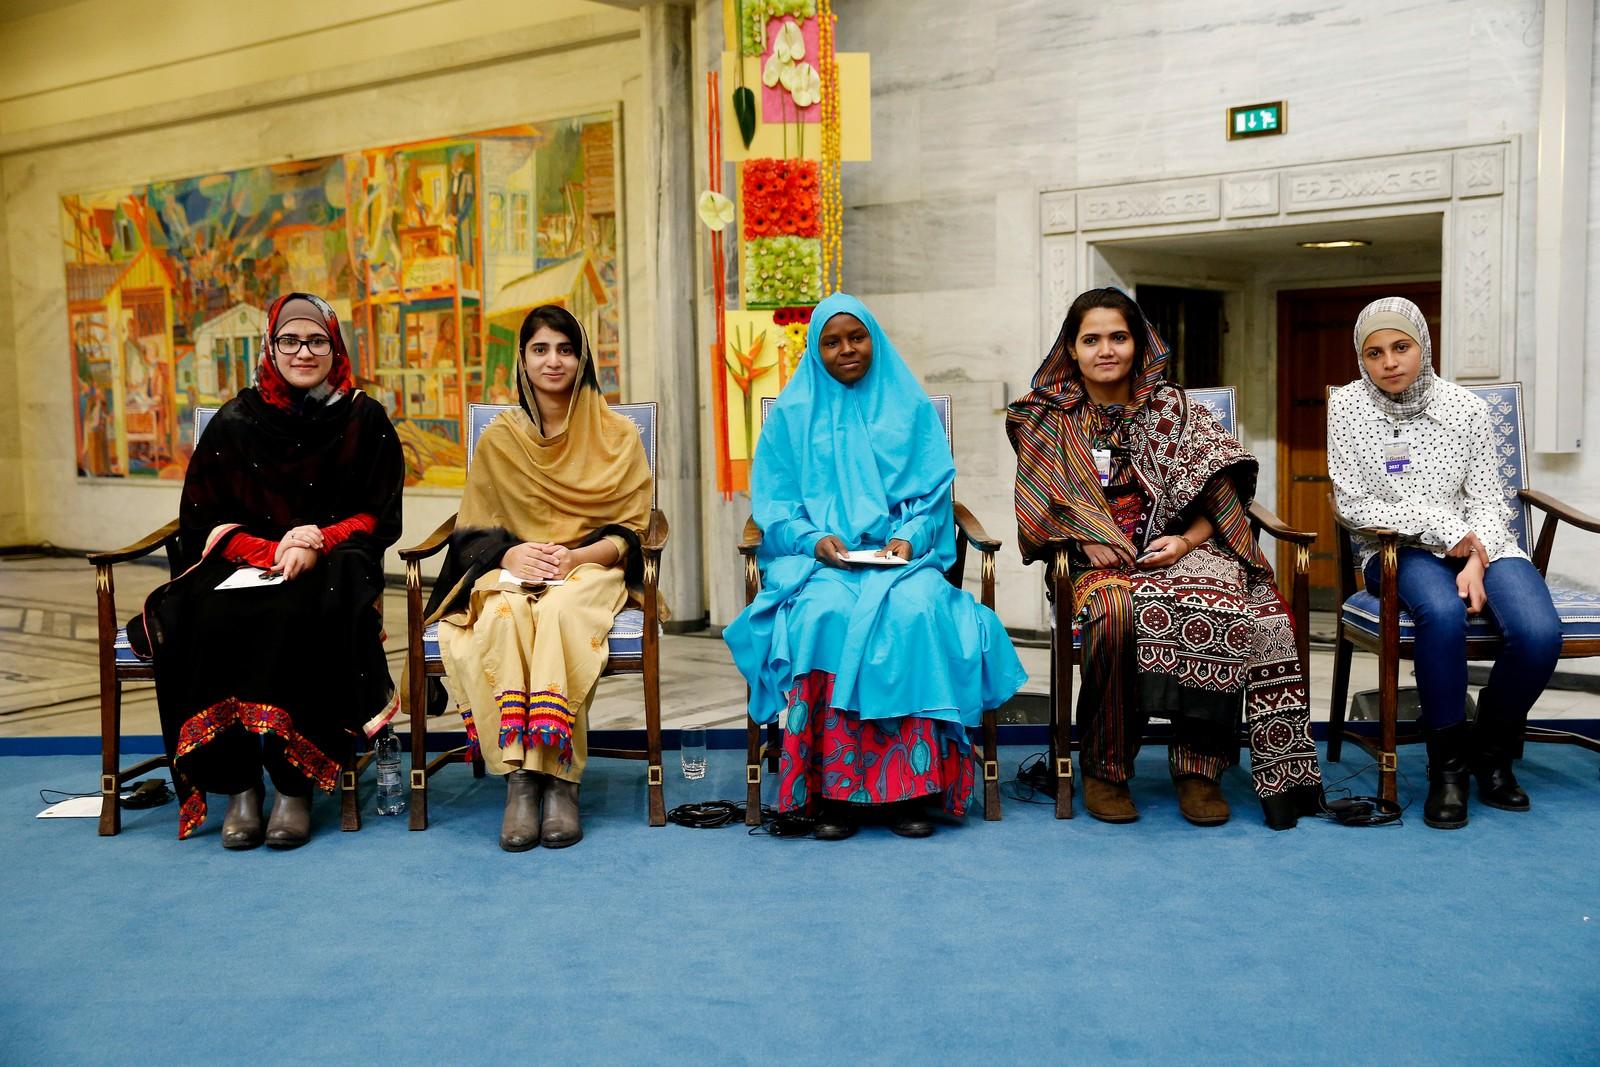 VENNINNENE: Malalas venninner tok plass på stolene hvor Nobelkomiteen satt på podiet i Oslo rådhus etter fredsprisutdelingen. (fra venstre) Syriske Mezon Almellehan, pakistanske Kainat Riaz, nigerianske Amina Yusuf, pakistanske Kainat Somroo og pakistanske Shazia Ramzan. Malala Yousafzai og Kailash Satyarthi mottar Nobels Fredspris 2014 i Oslo Rådhus. Foto: Cornelius Poppe / NTB scanpix